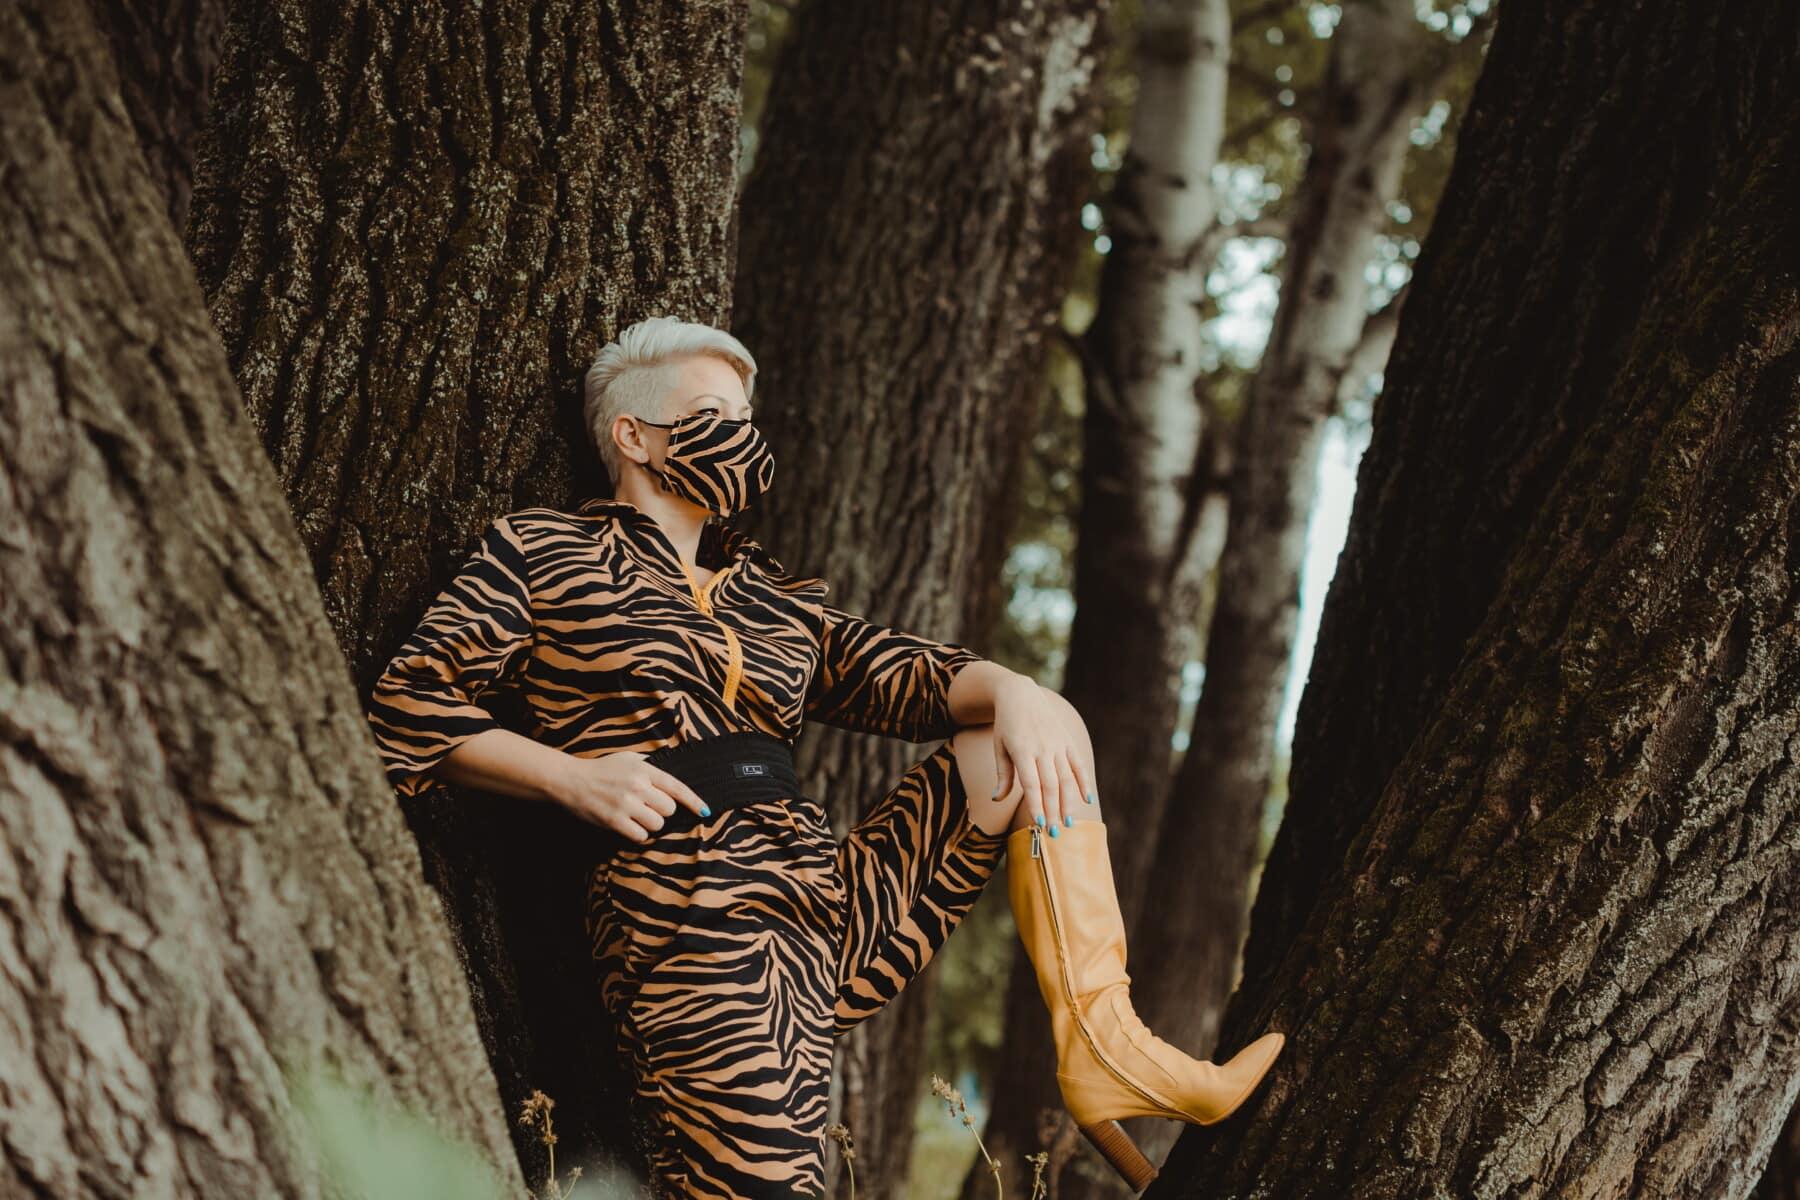 чудова, молода жінка, постановка, Фото моделі, маска для обличчя, спорядження, мода, камуфляж, природа, деревина